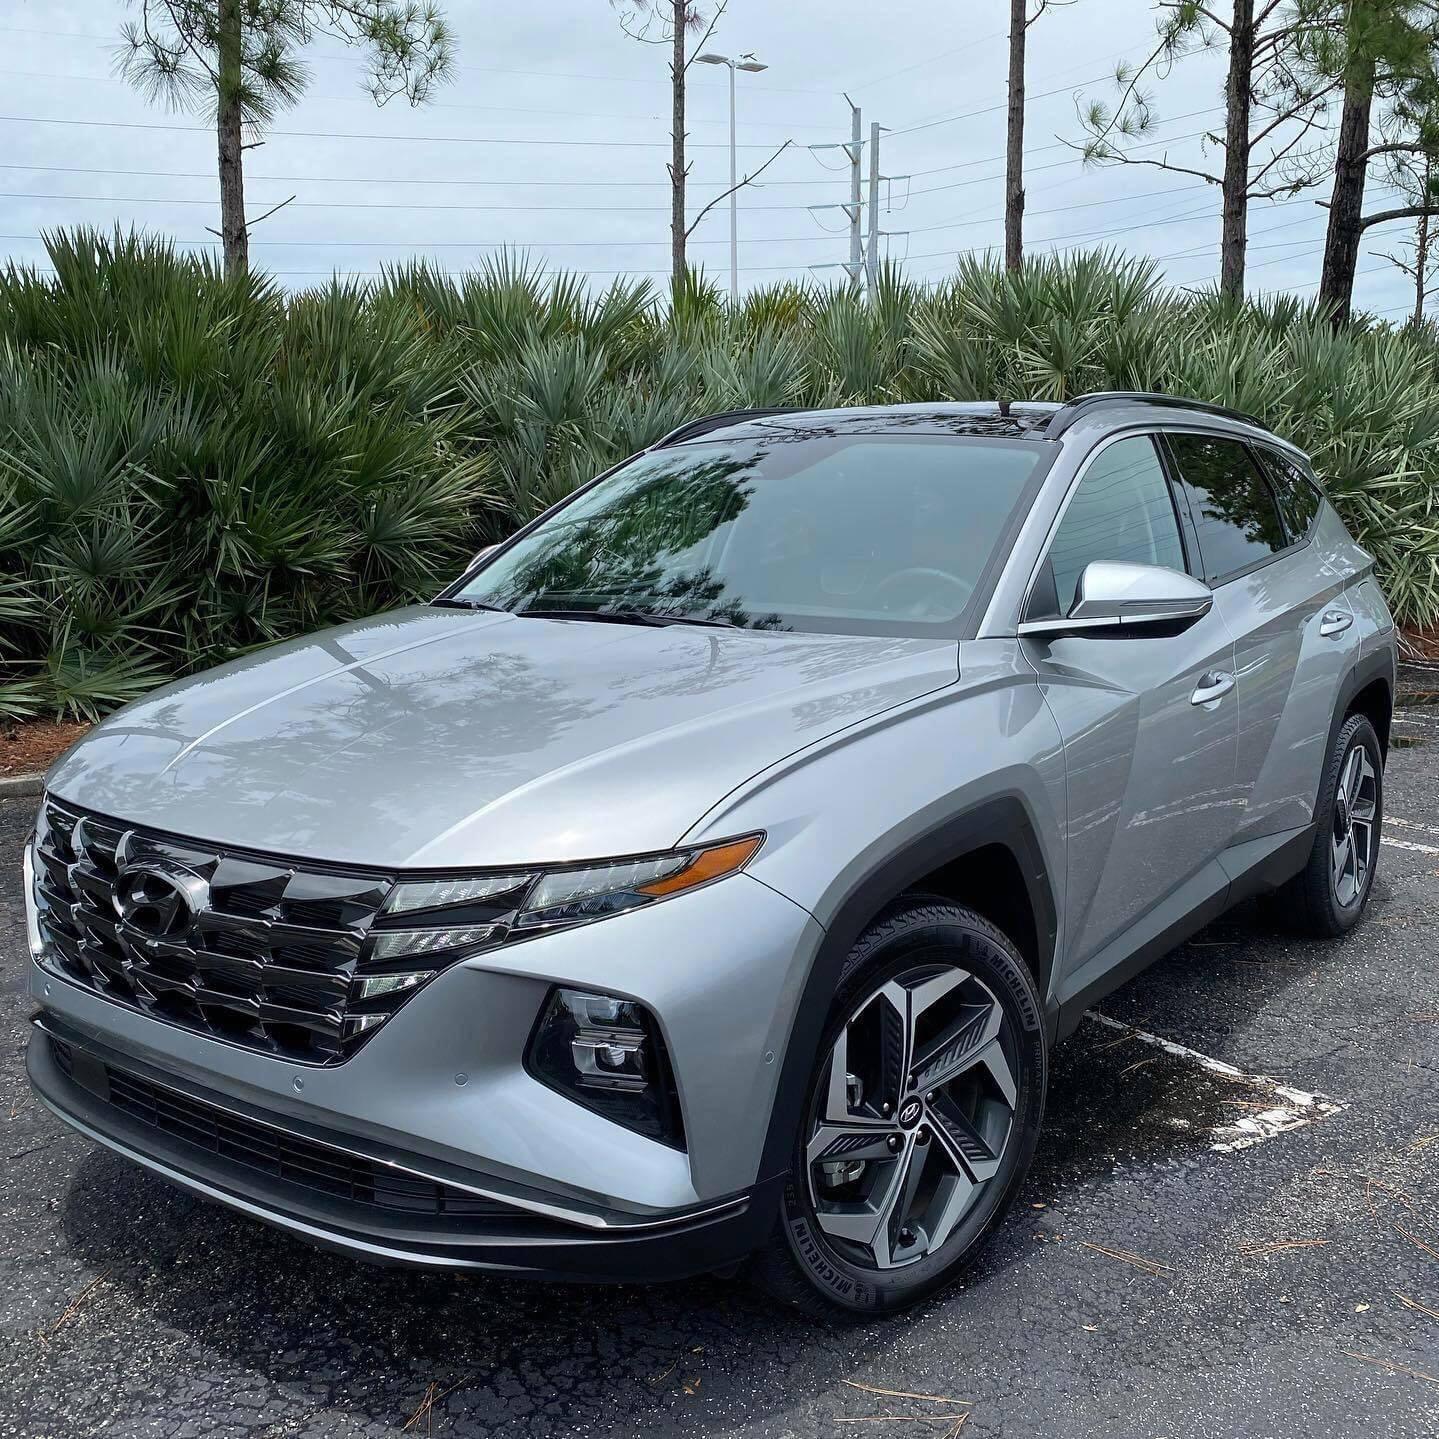 4 mẫu xe hơi Hyundai sắp ra mắt thị trường: Khách việt háo hức chờ đón Hyundai Grand i10 bản mới 2